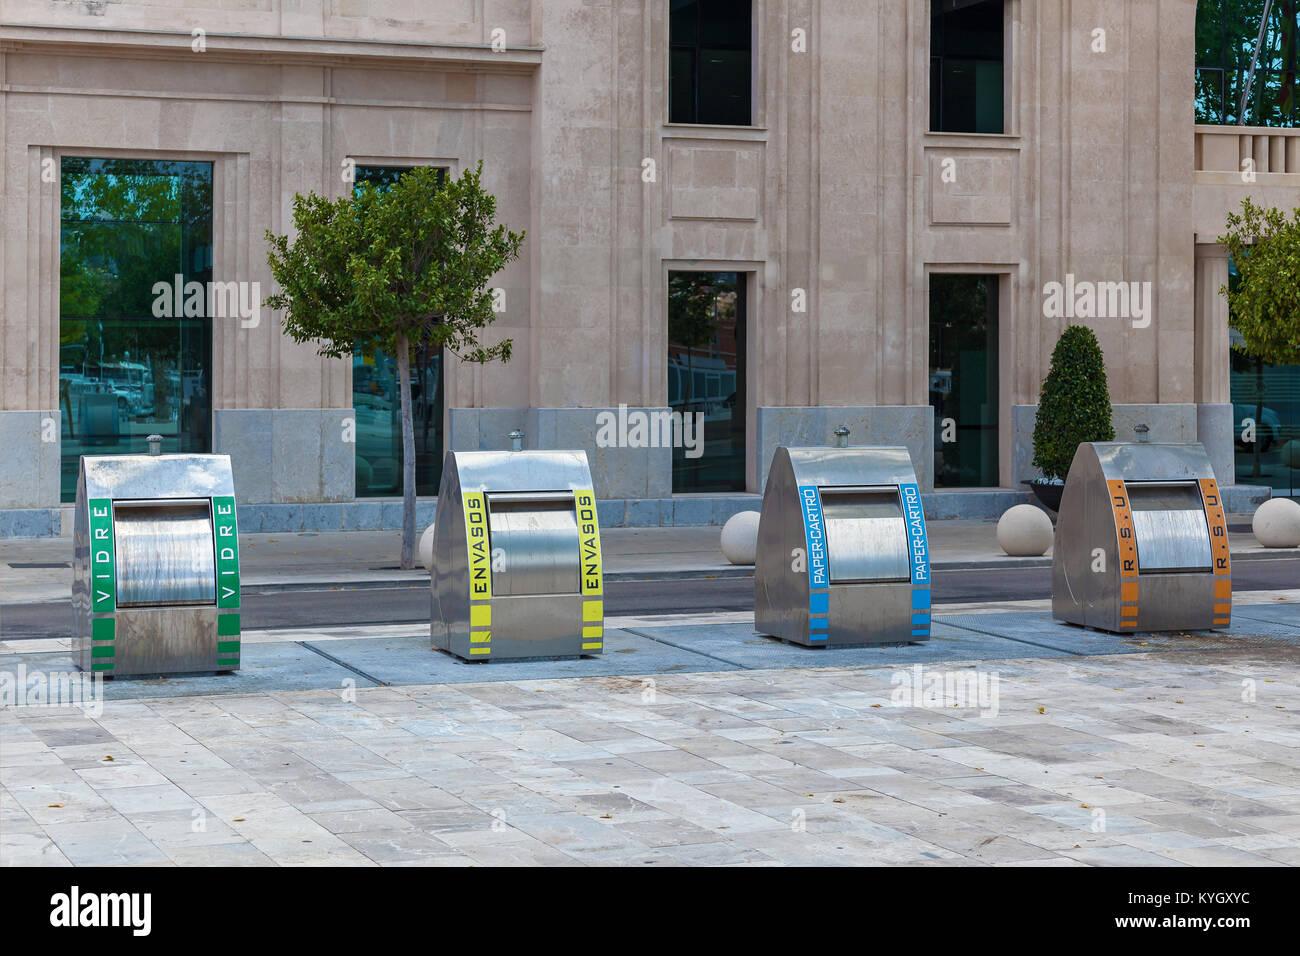 Trash bins in Spain. - Stock Image